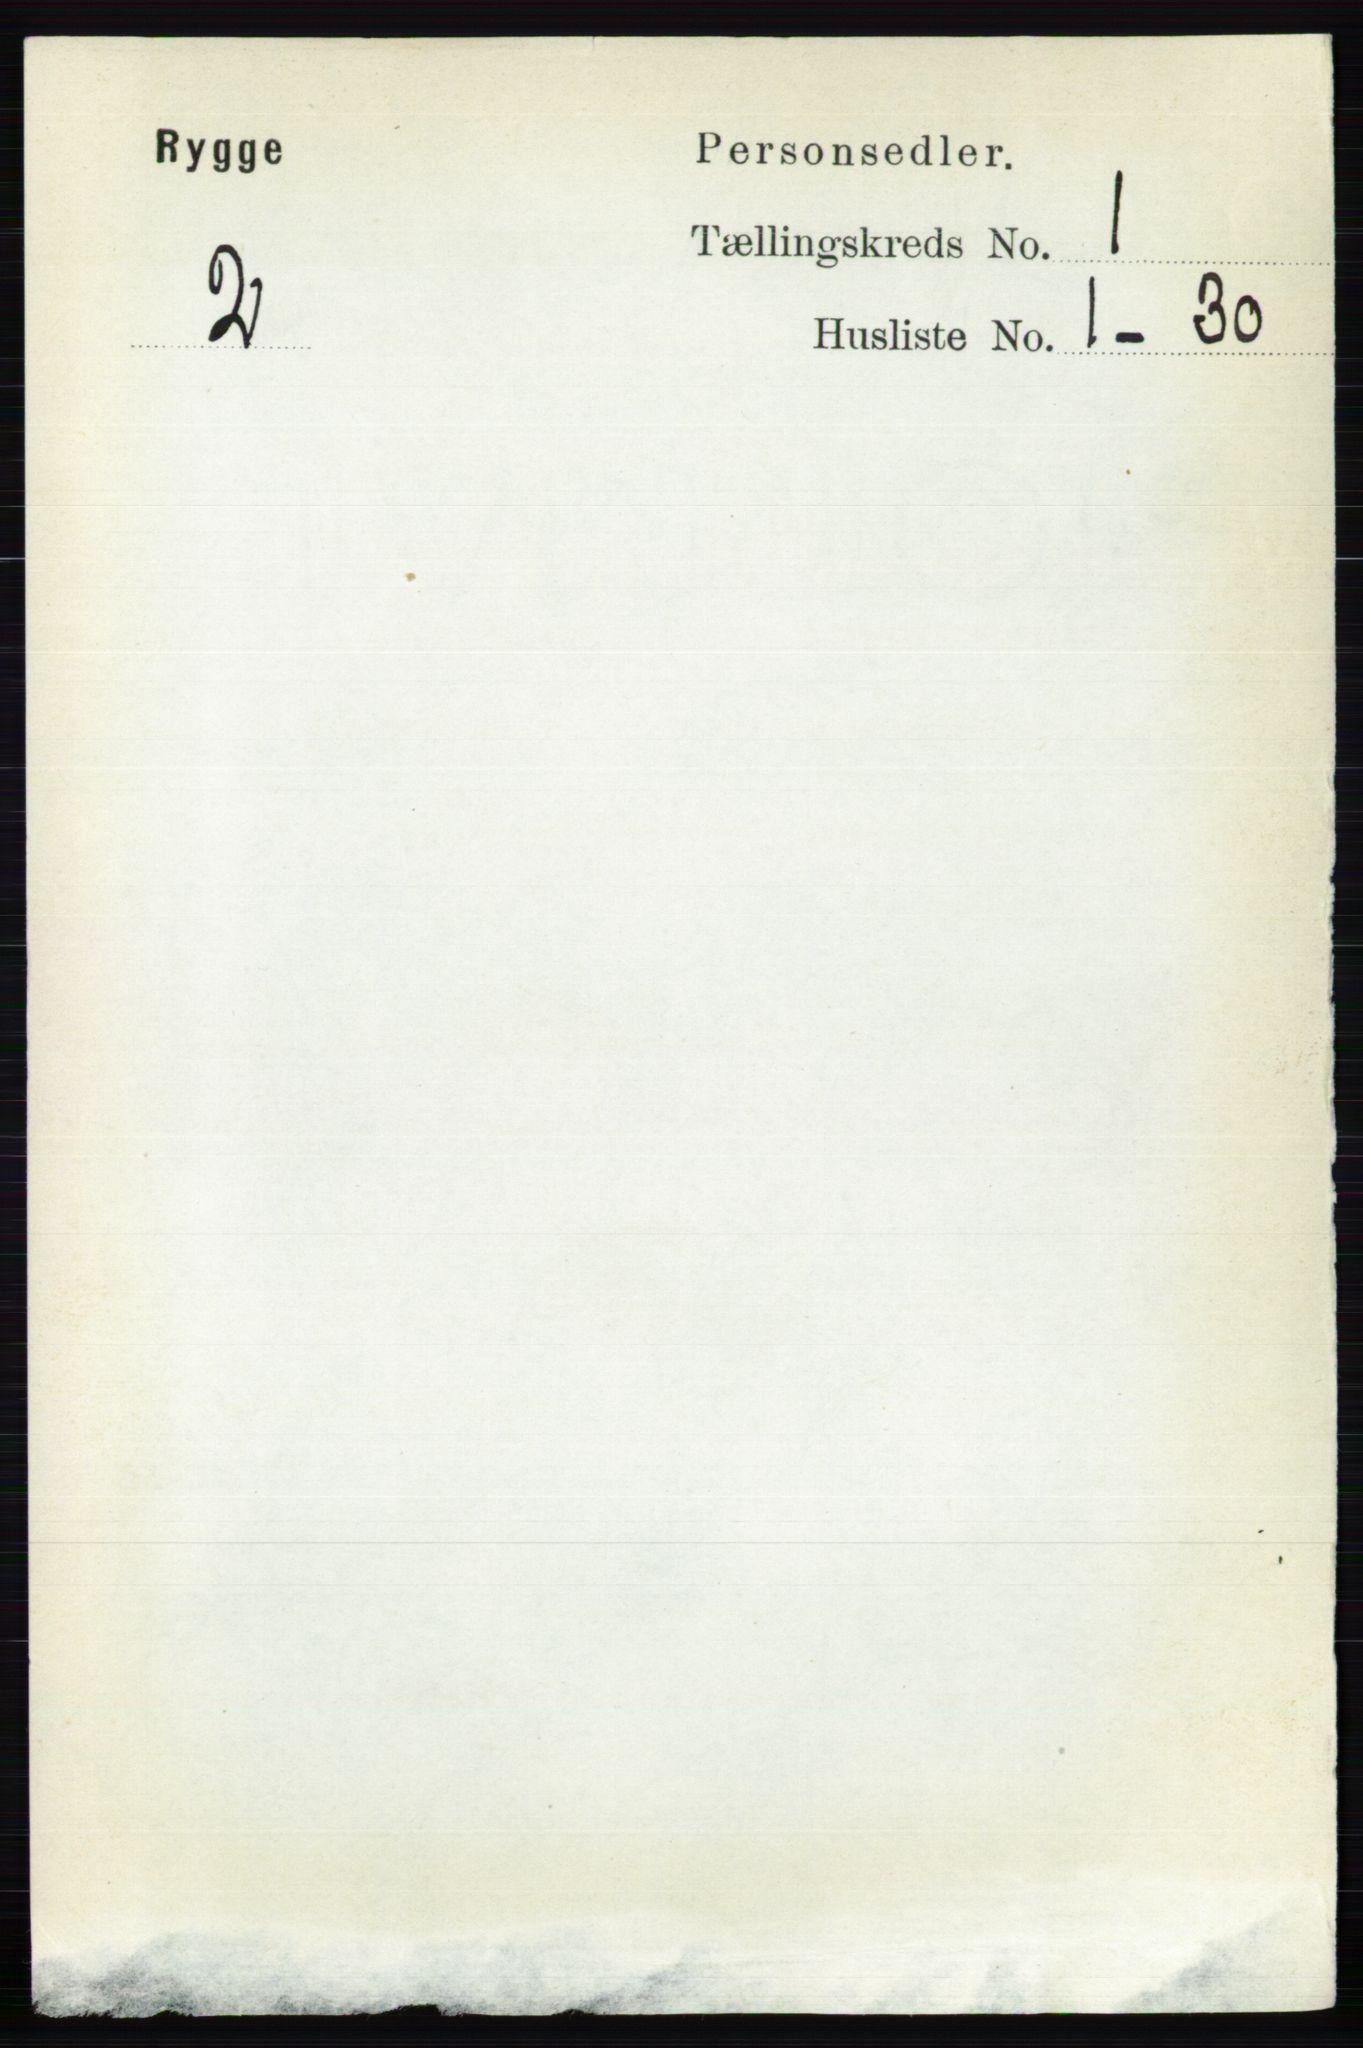 RA, Folketelling 1891 for 0136 Rygge herred, 1891, s. 162